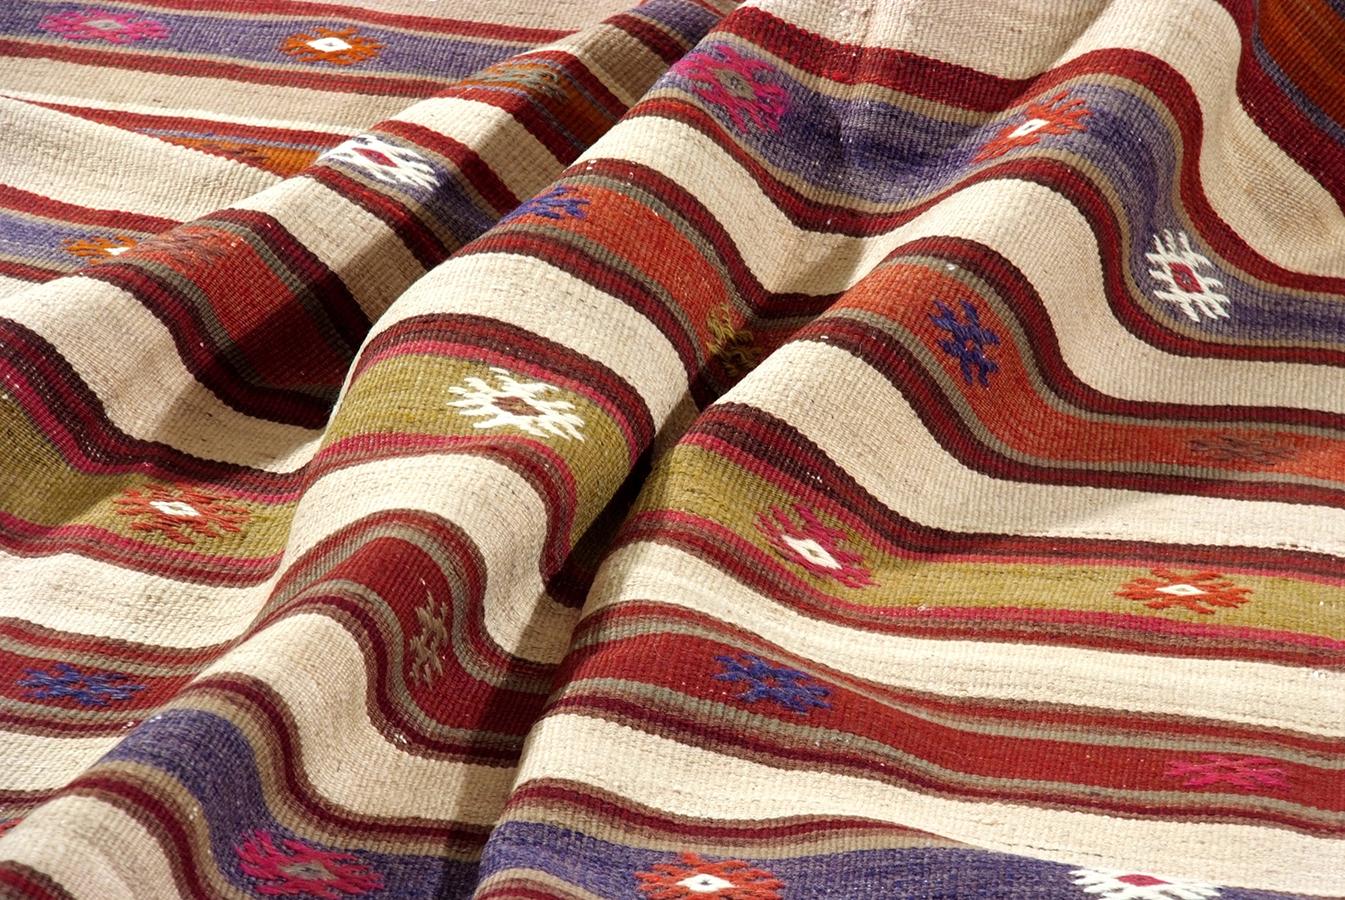 Tappeti Kilim Economici : Fetiè kilim turco cm 250x145 tea tappeti